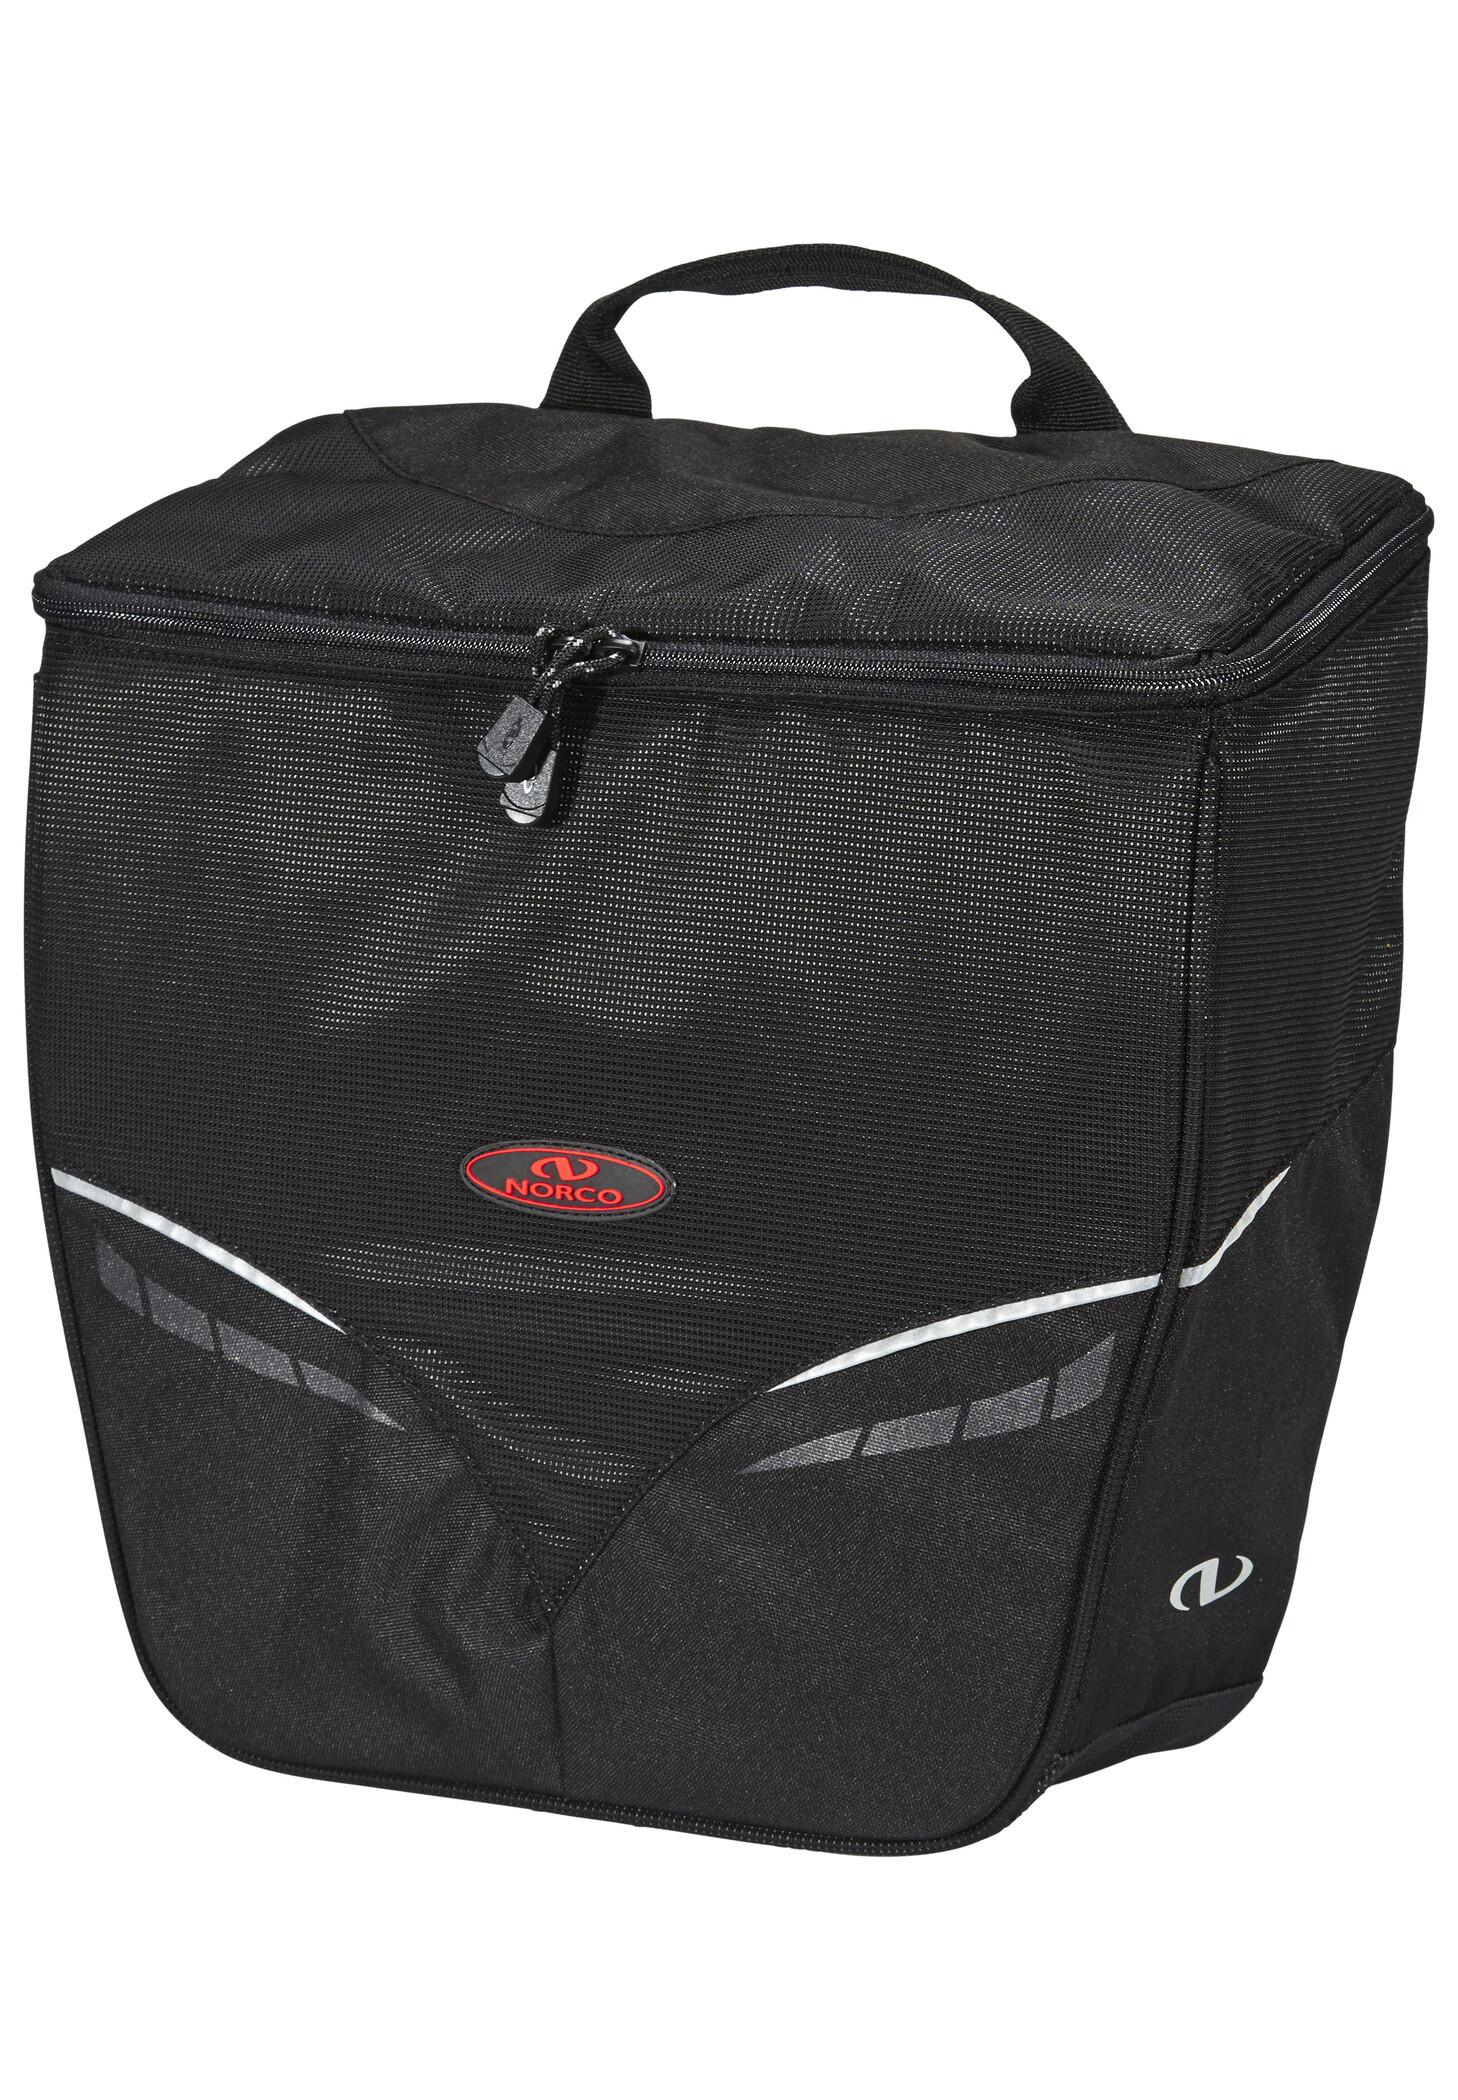 Norco Canmore City Cykeltaske, black | Tasker til bagagebærer